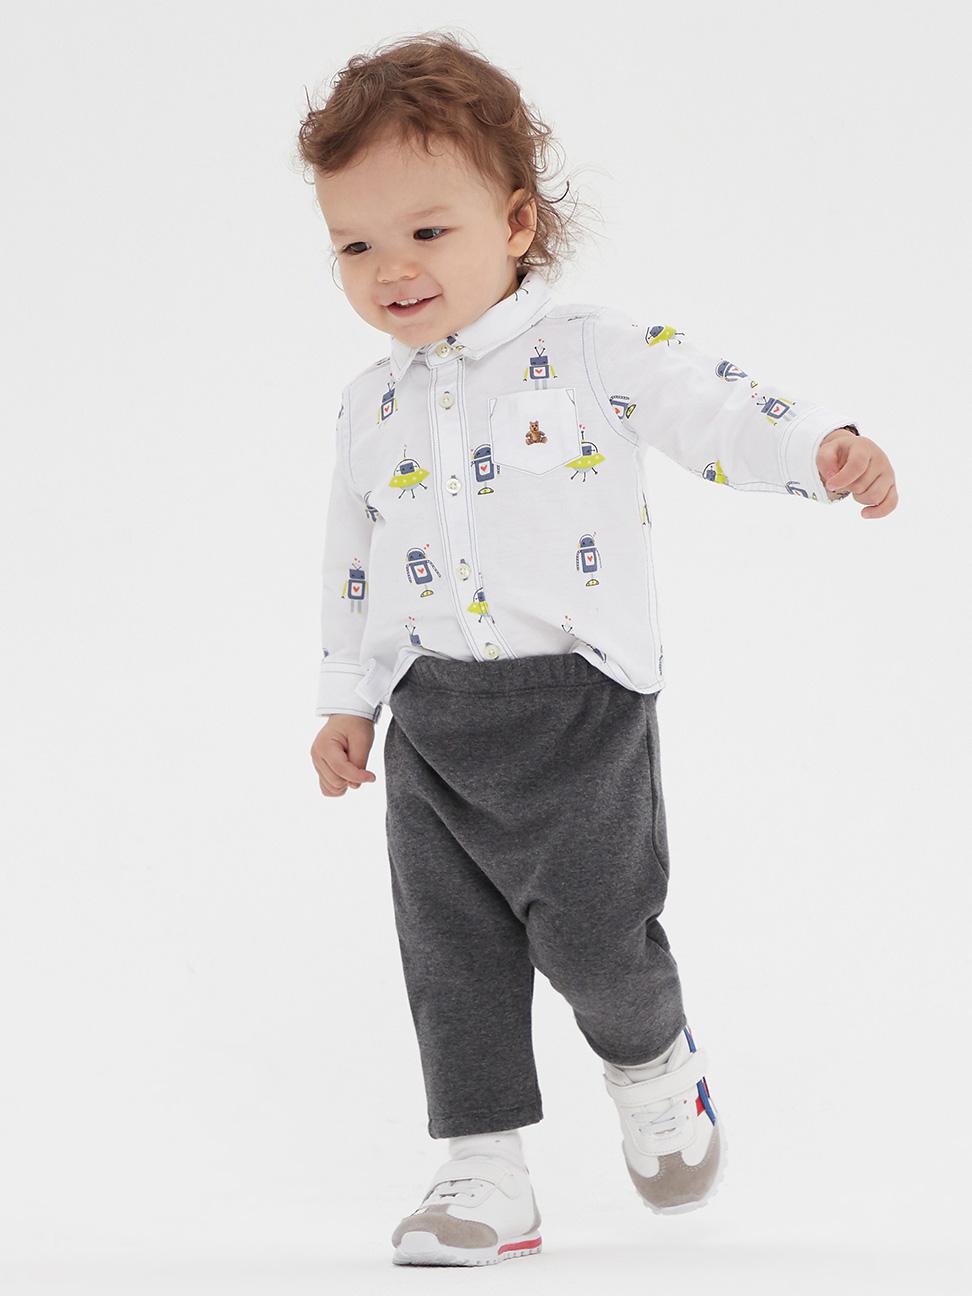 嬰兒 創意立體動物造型休閒褲